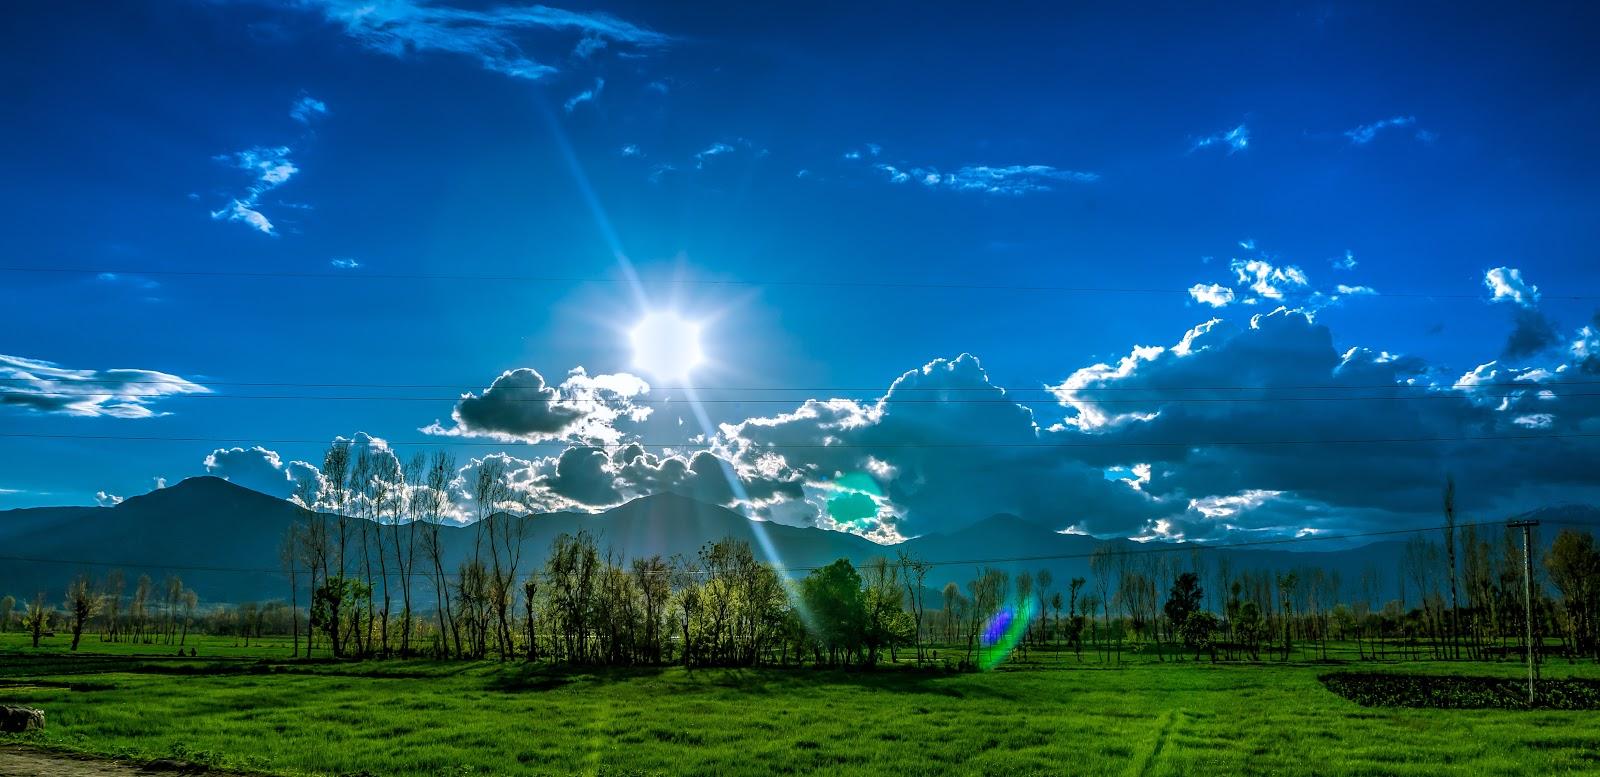 Καιρός: Προληπτικά μέτρα για να αντιμετωπίσετε τον καύσωνα